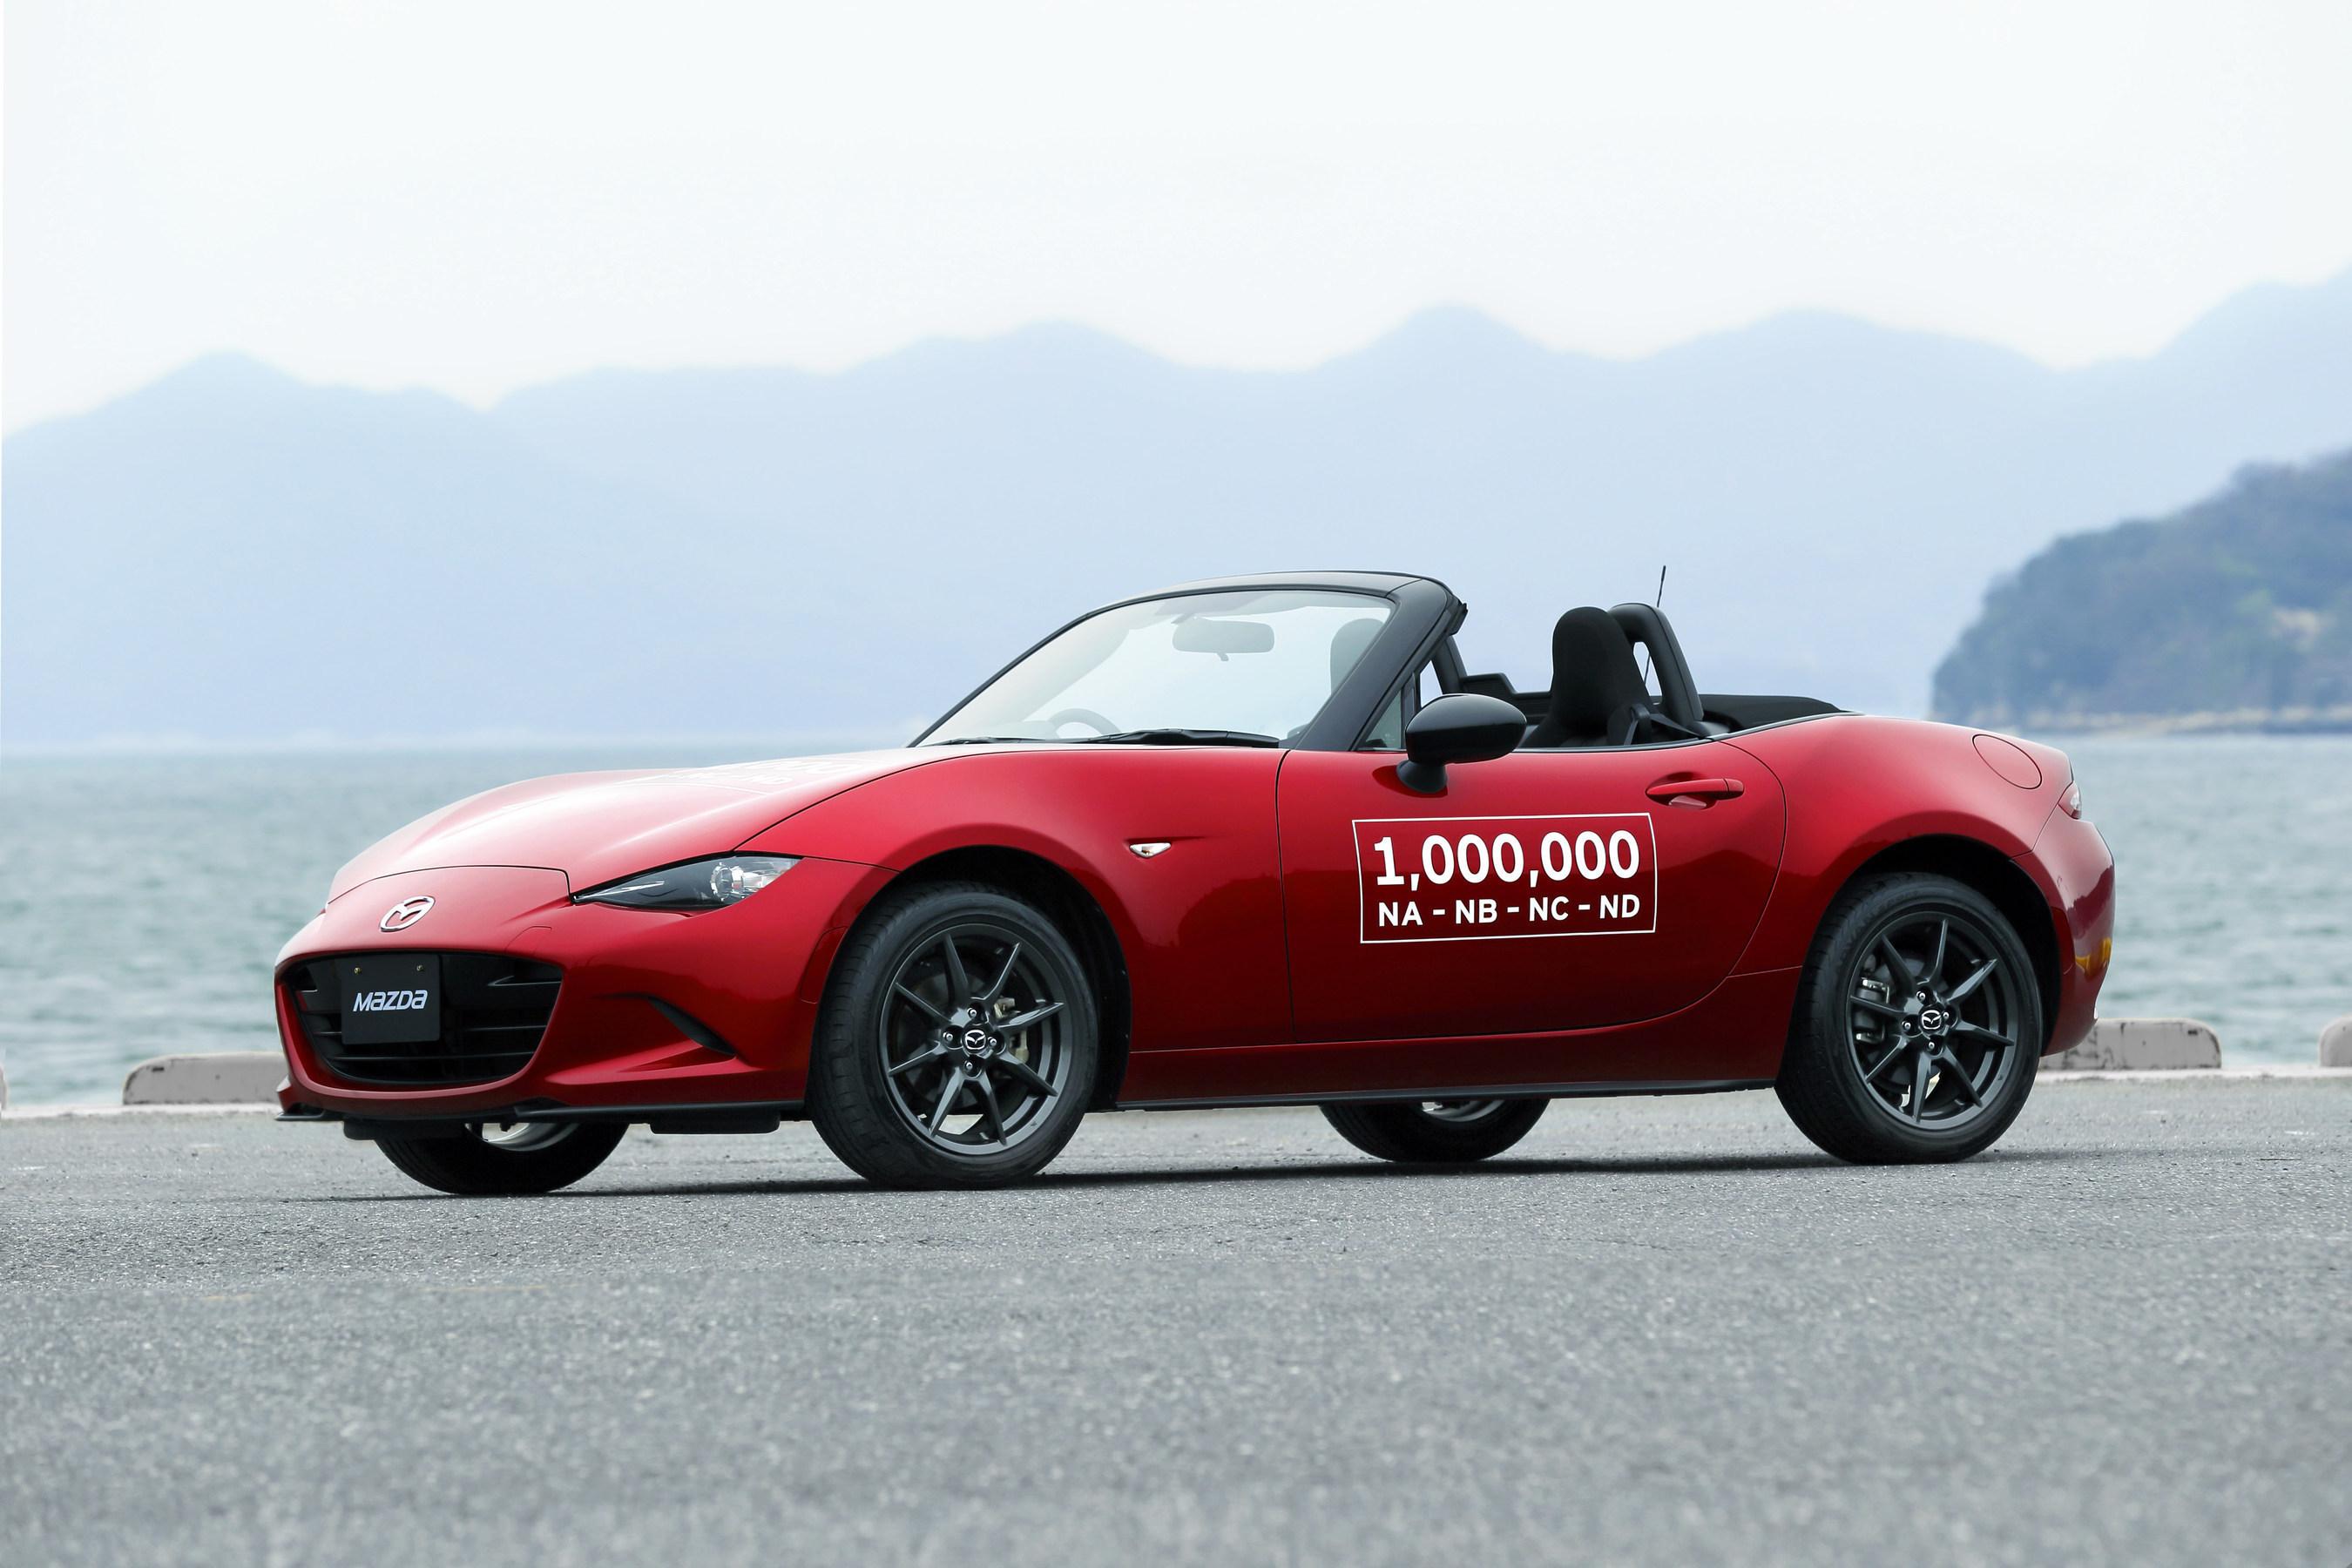 Mazda Announces Dates for Millionth Miata Celebration Tour